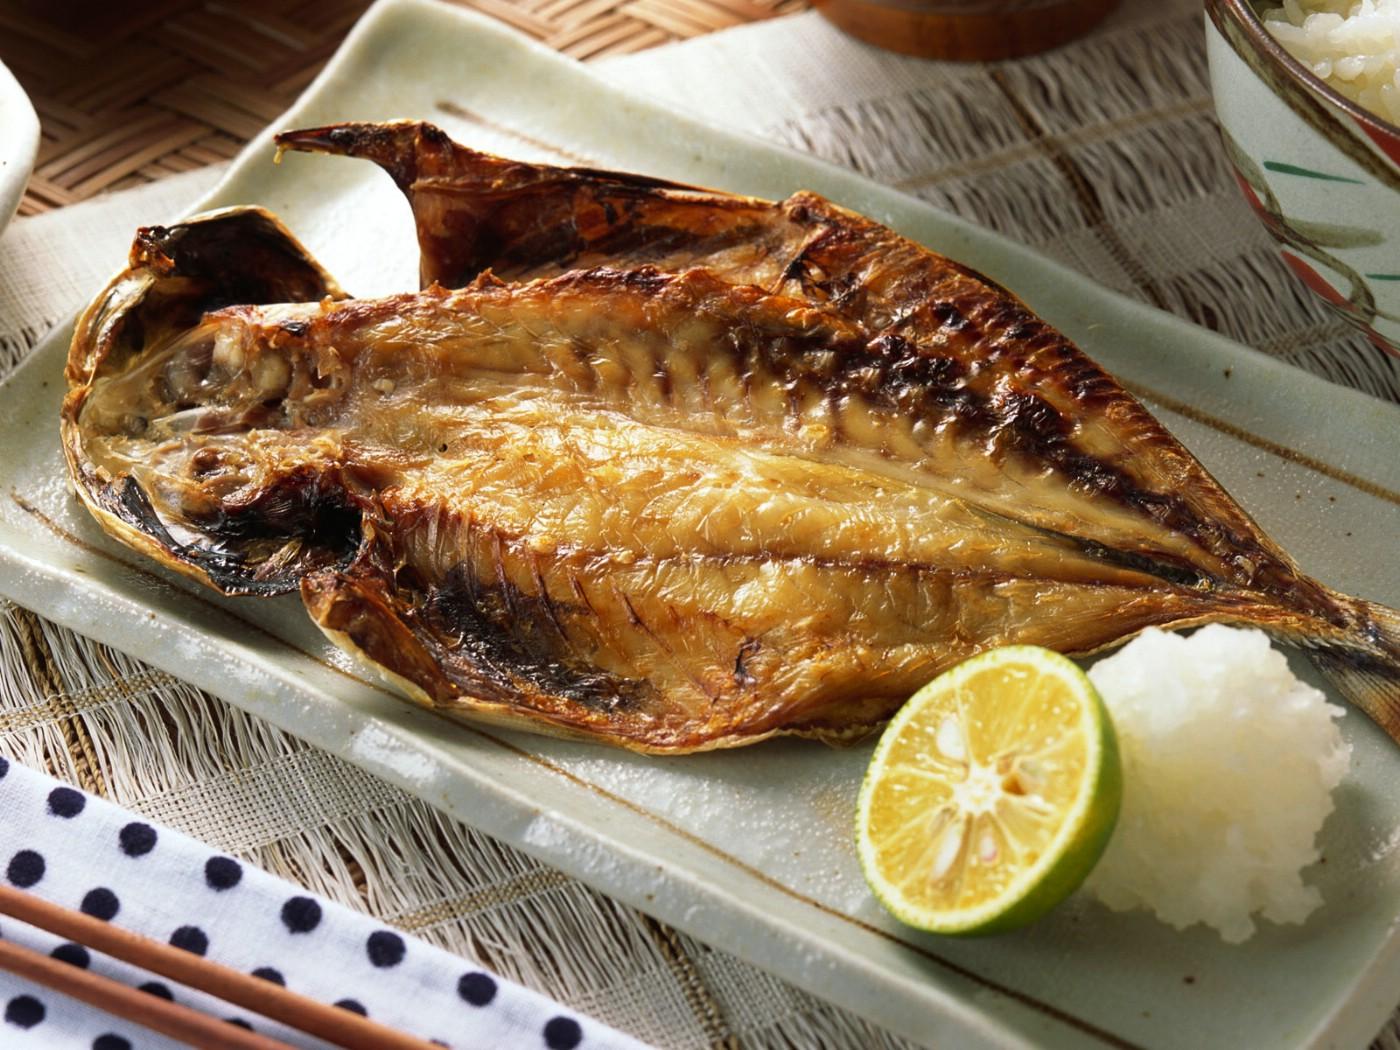 壁纸1400×1050海鲜美食 2 19壁纸 海鲜美食壁纸图片美食壁纸美食图片素材桌面壁纸